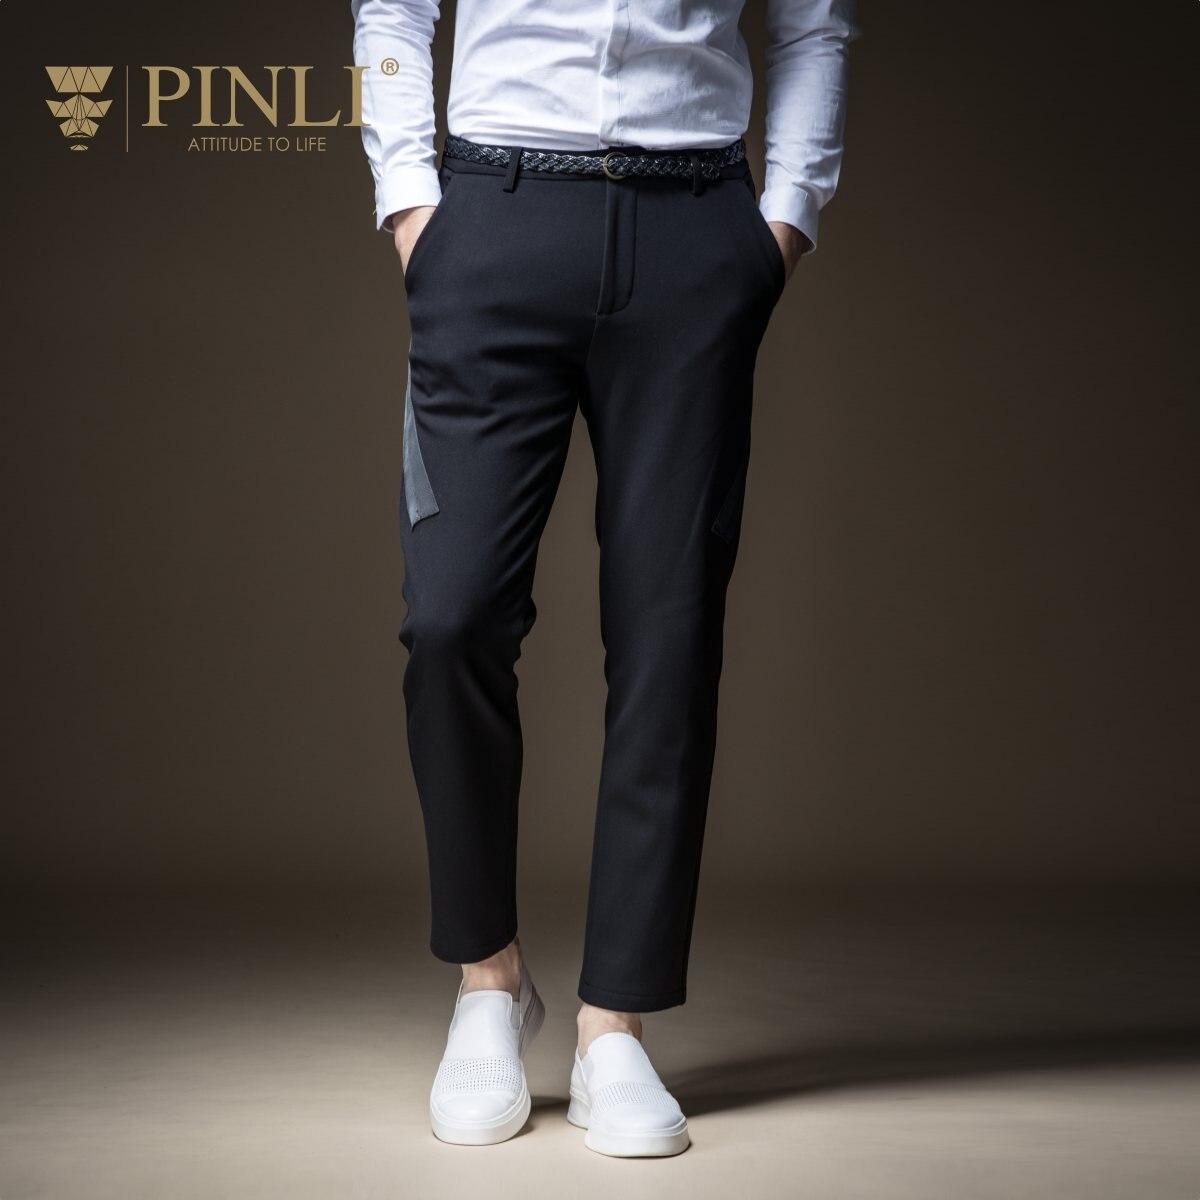 Pantalon Hommes Vente Pinli Produit Fait Automne 2018 Nouveaux Hommes cultivent sa Moralité Loisirs Pantalon B183517488 Velours Épaississement Et Pieds